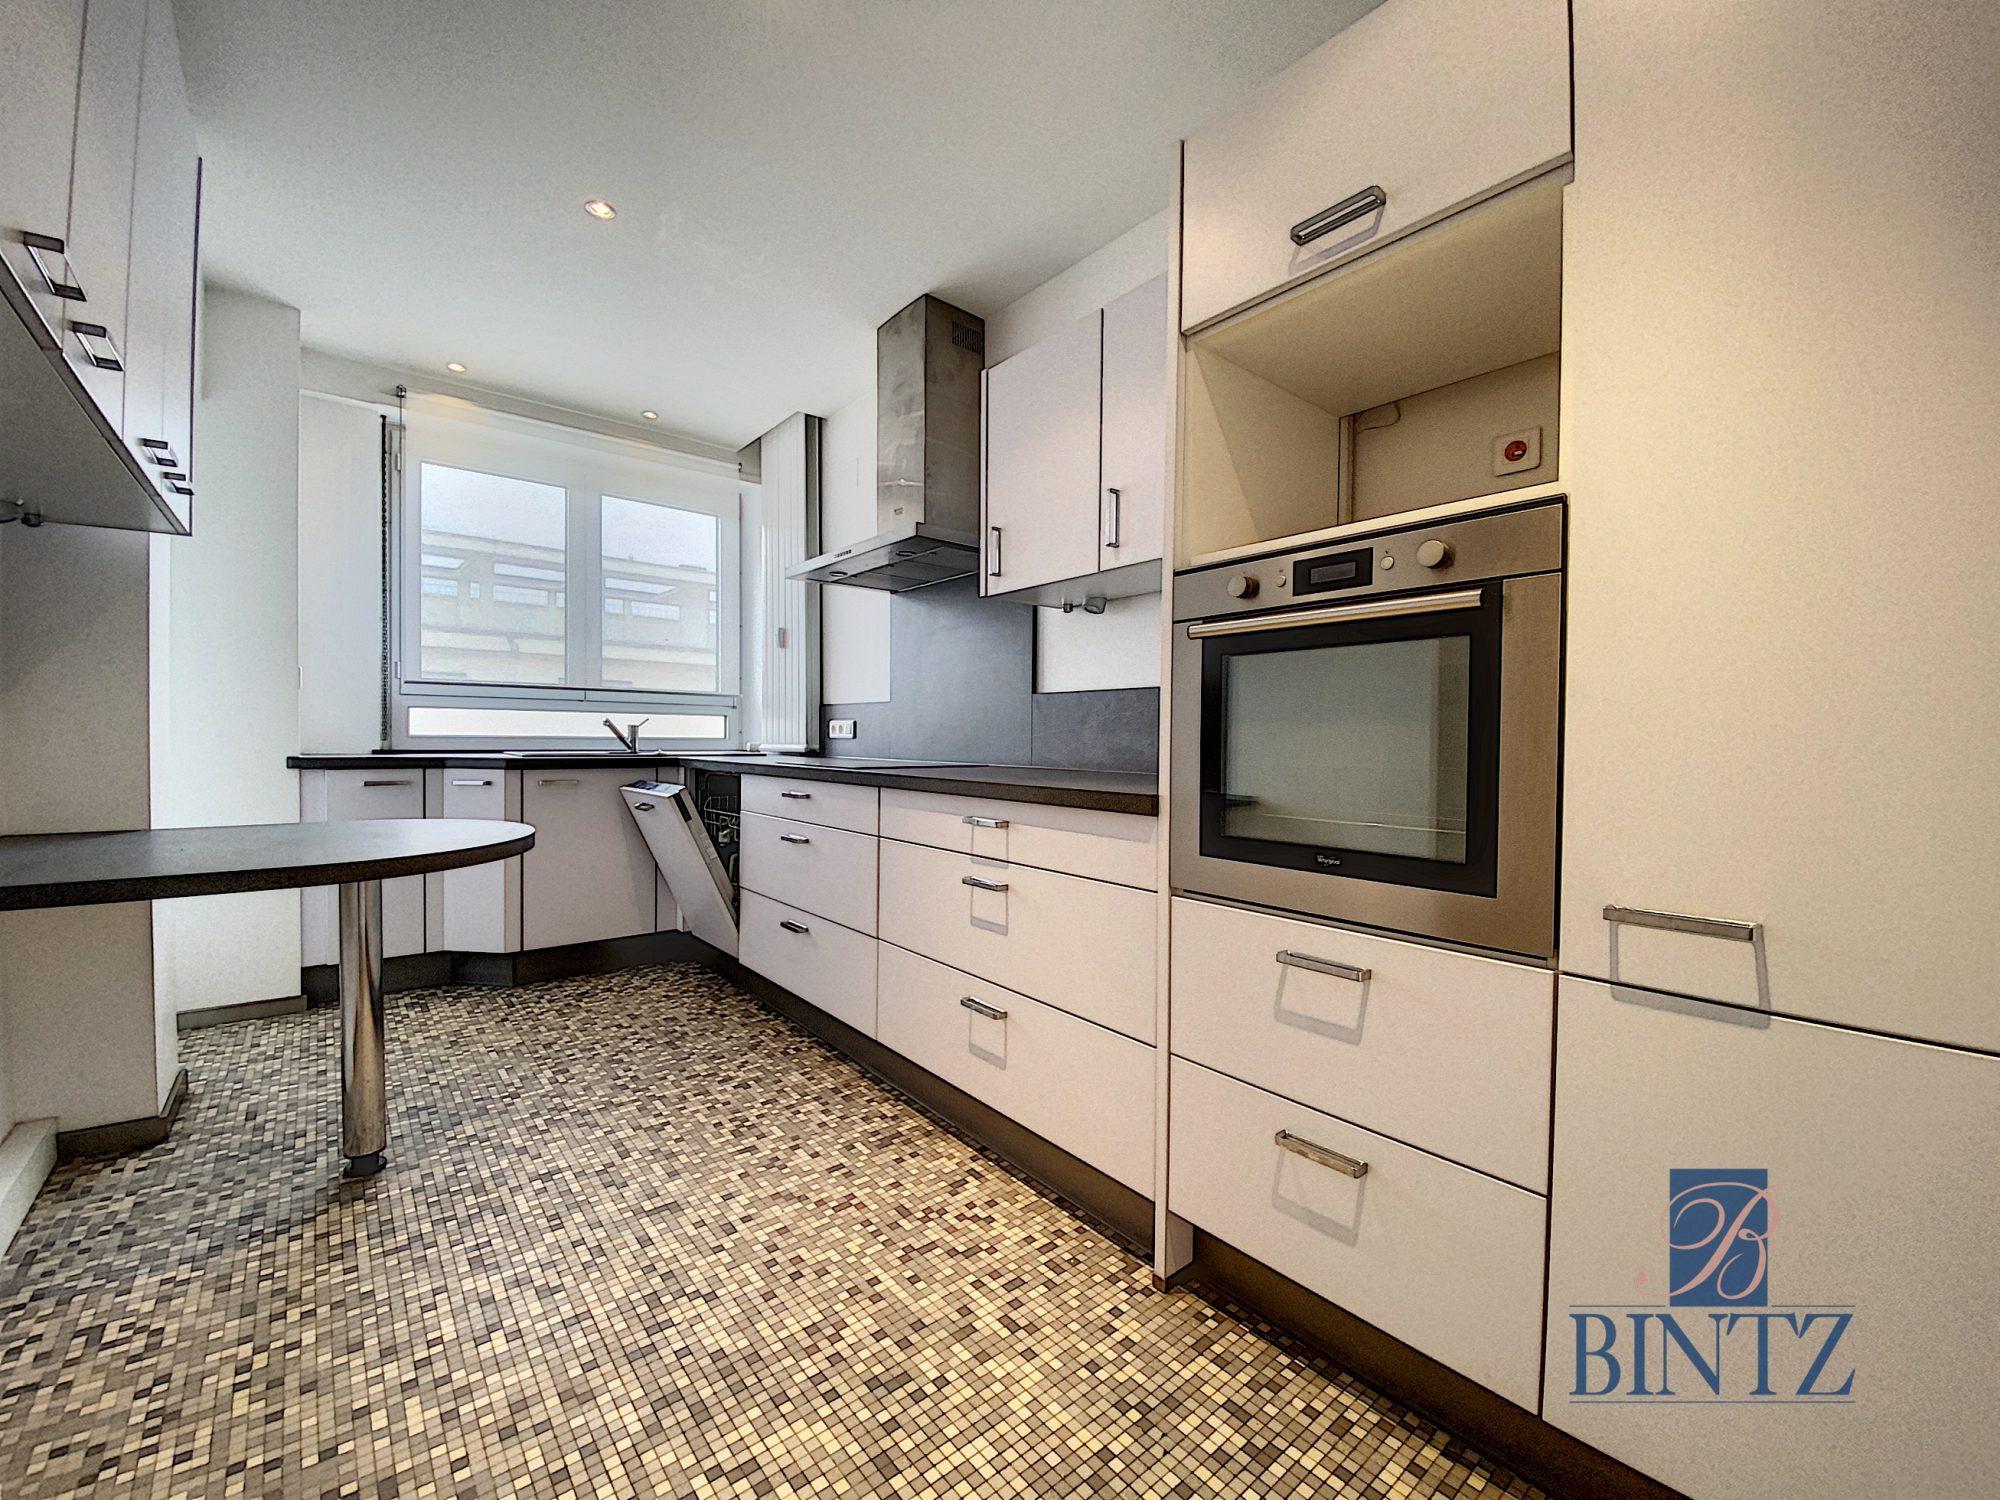 5 PIÈCES QUARTIER CONTADES - Devenez locataire en toute sérénité - Bintz Immobilier - 3